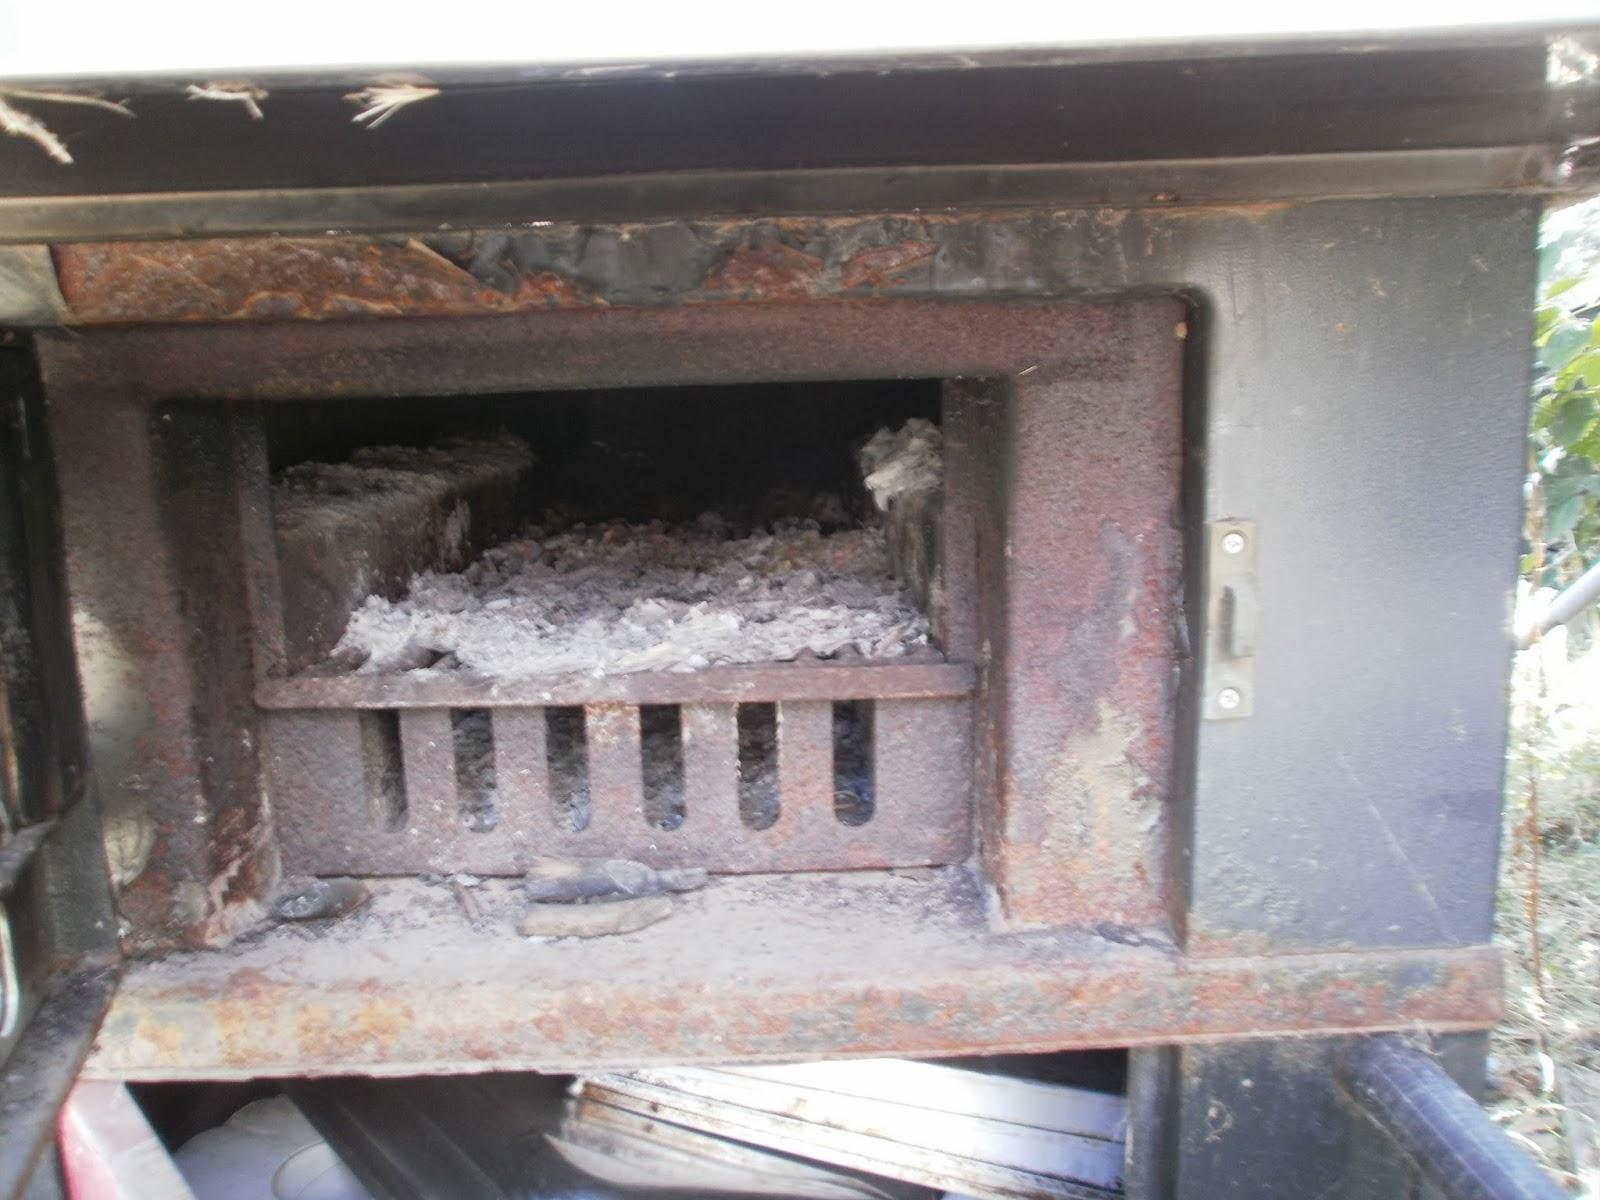 Emanualmente la cucina nelle pentole di terracotta - Forno di terracotta ...